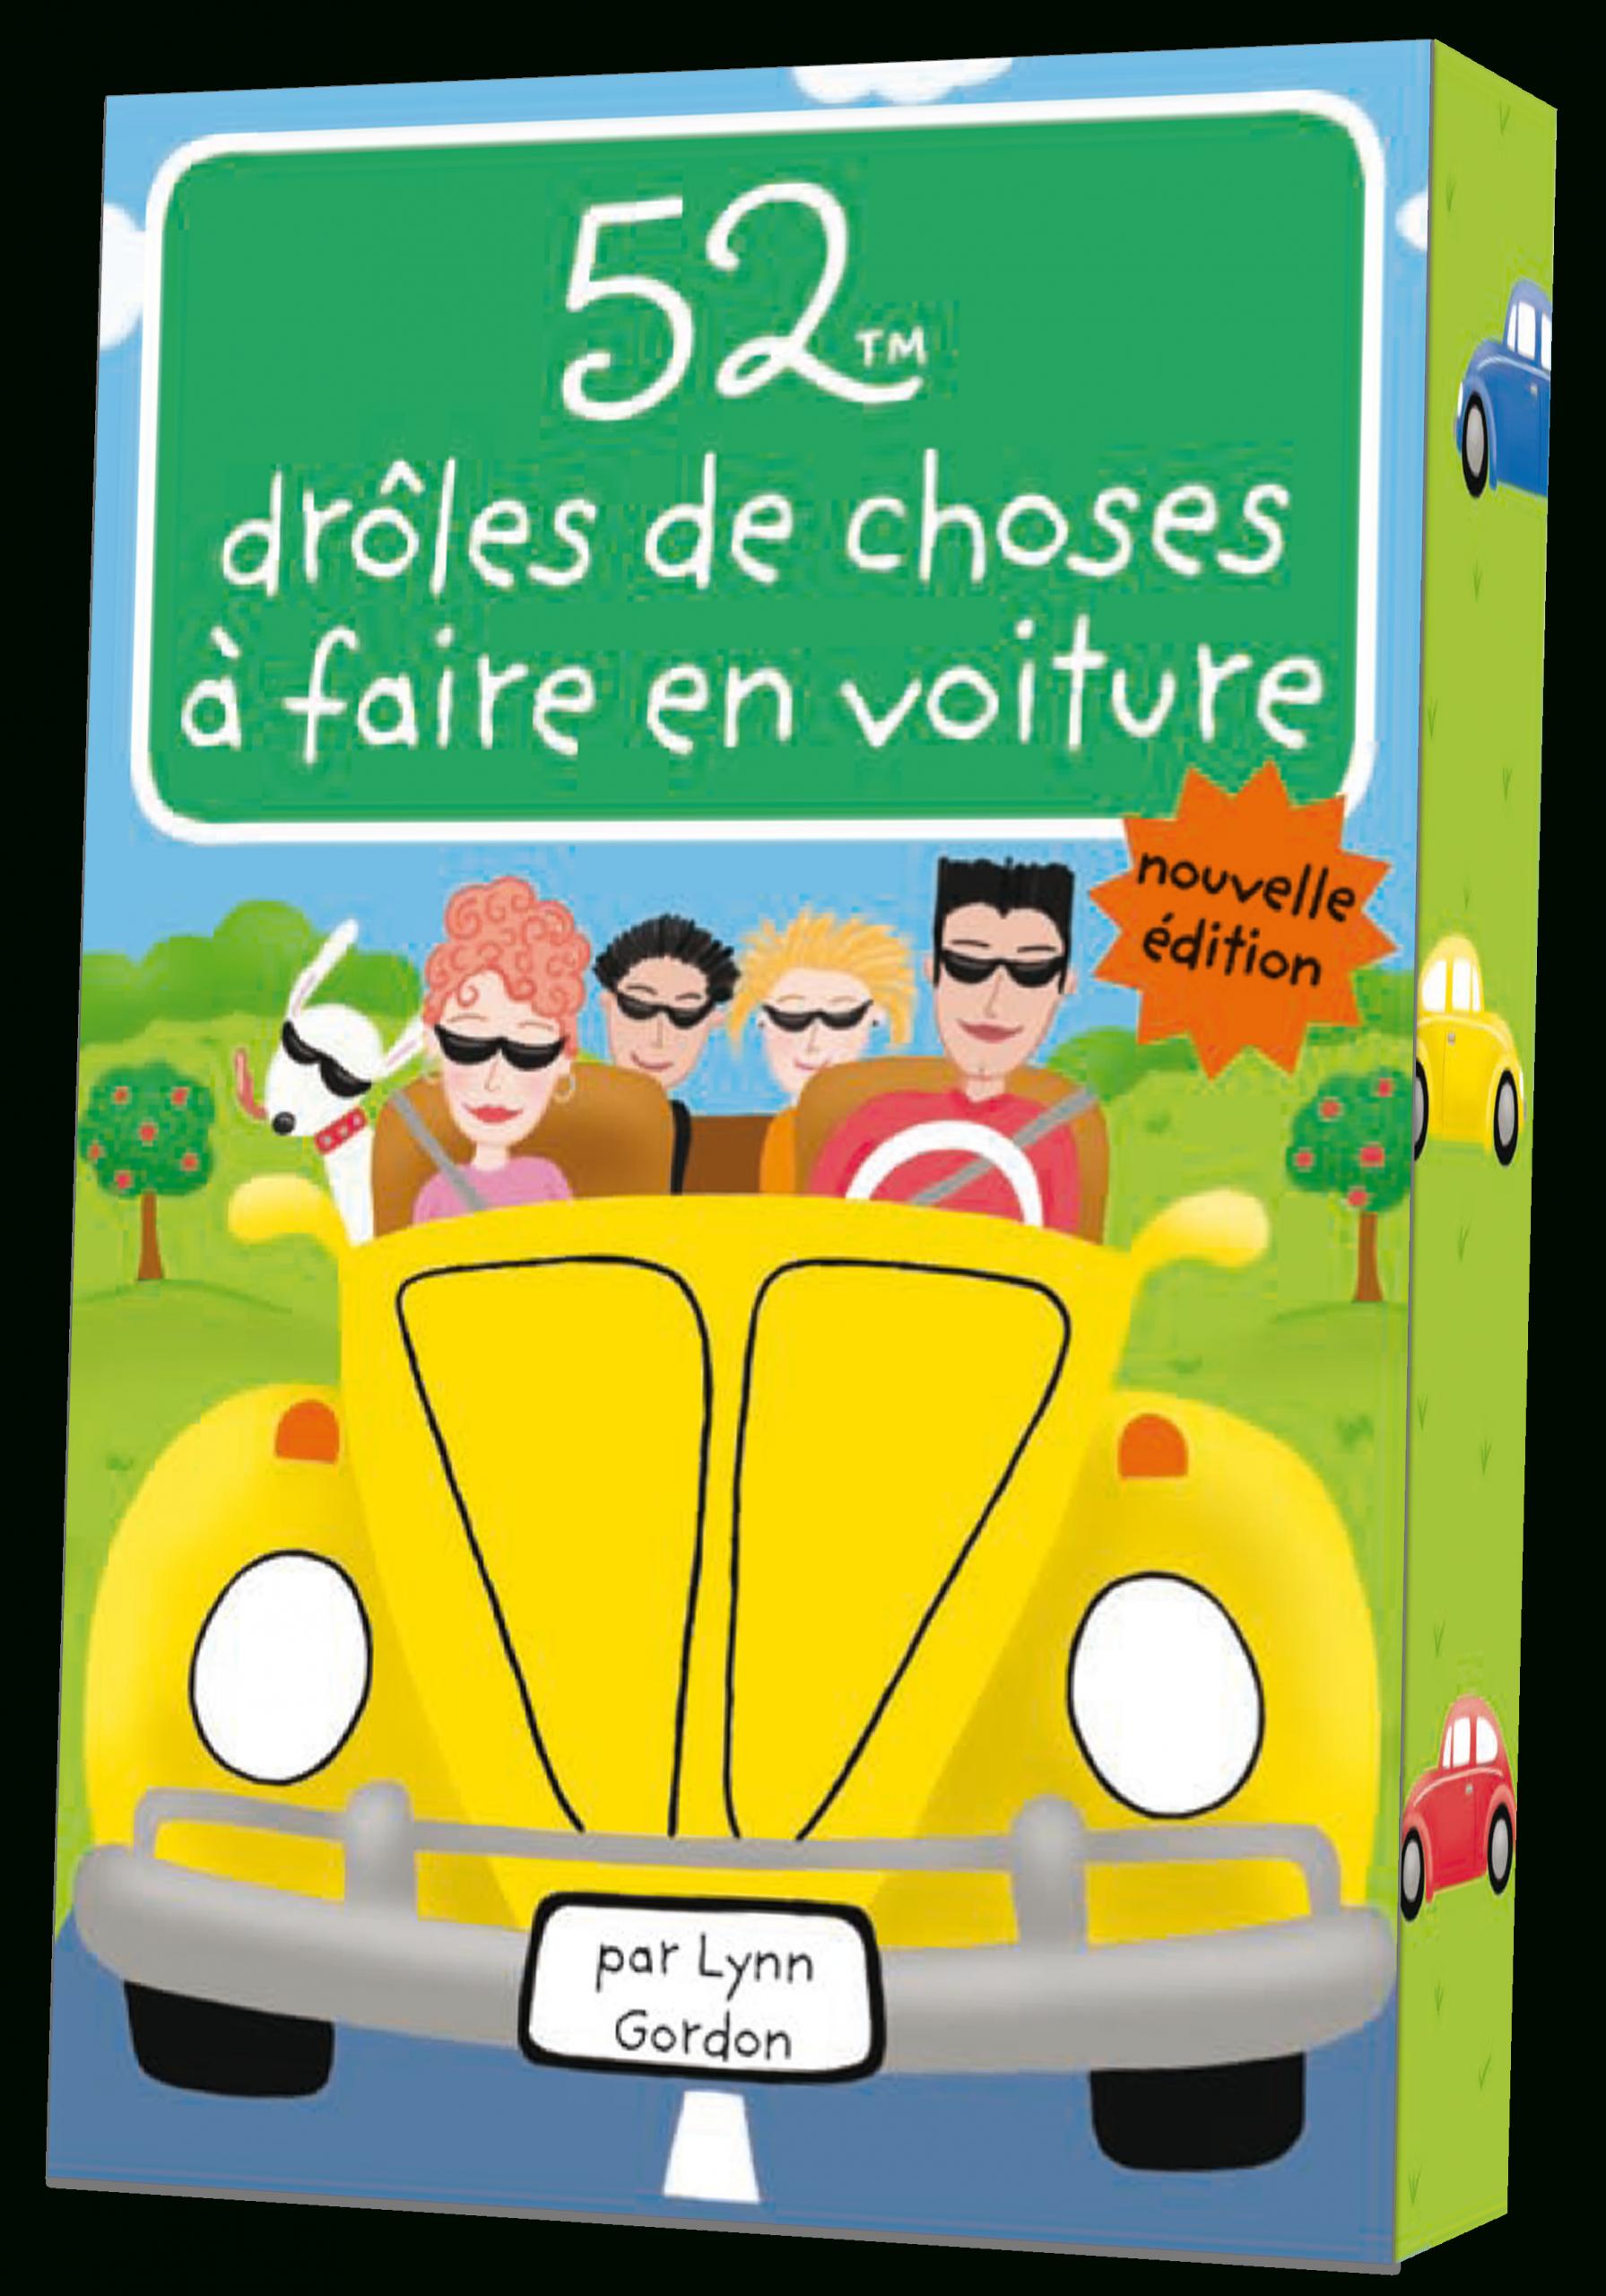 Vacances : Les Jeux Indispensables Pour Occuper Mon Enfant concernant Jeux A Faire Dans La Voiture